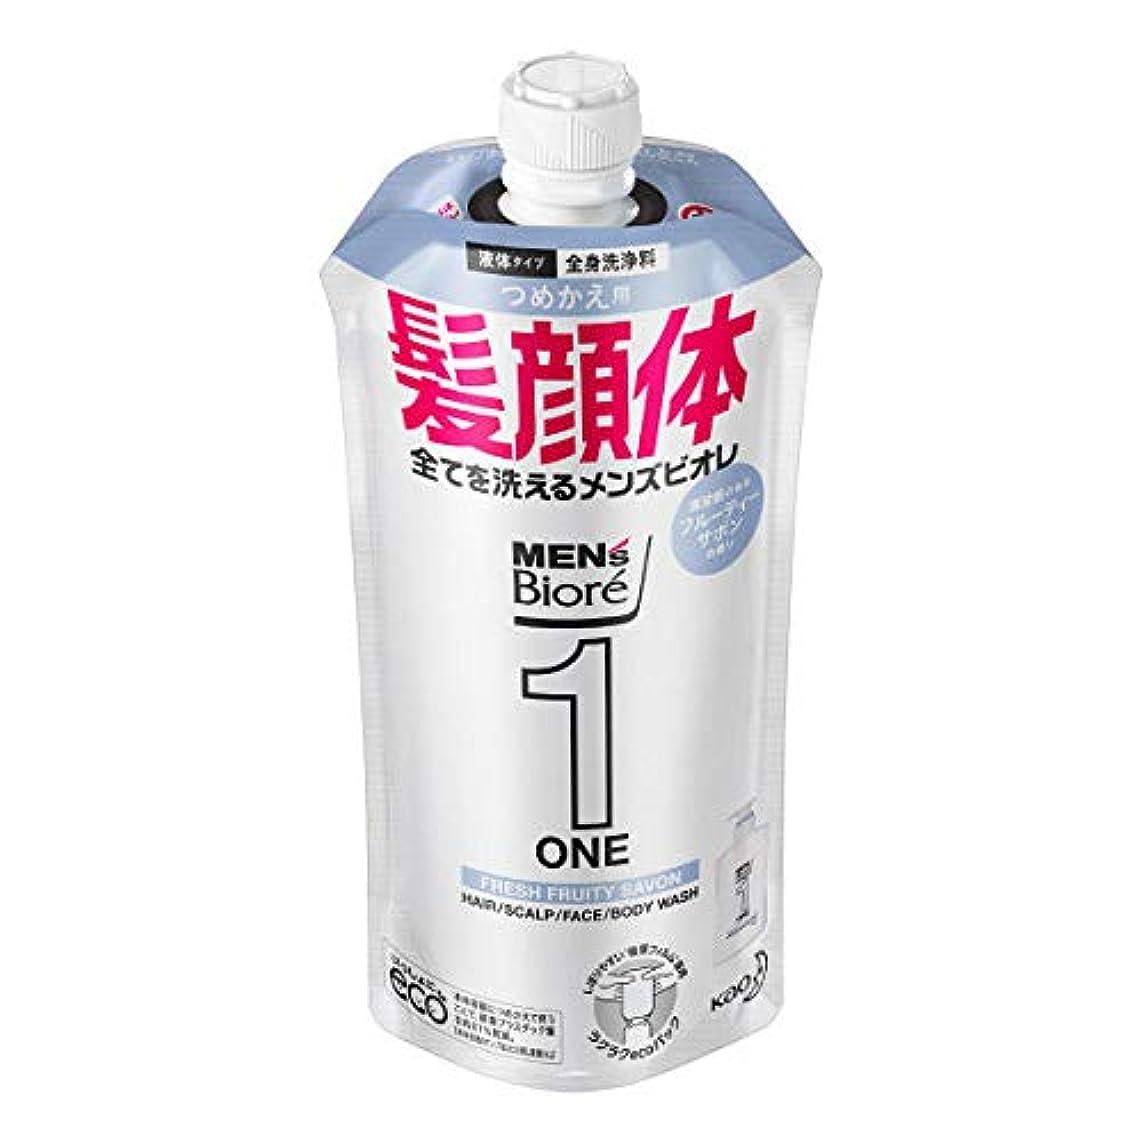 不愉快騒乱膨張するメンズビオレONE オールインワン全身洗浄料 清潔感のあるフルーティーサボンの香り つめかえ用 340mL